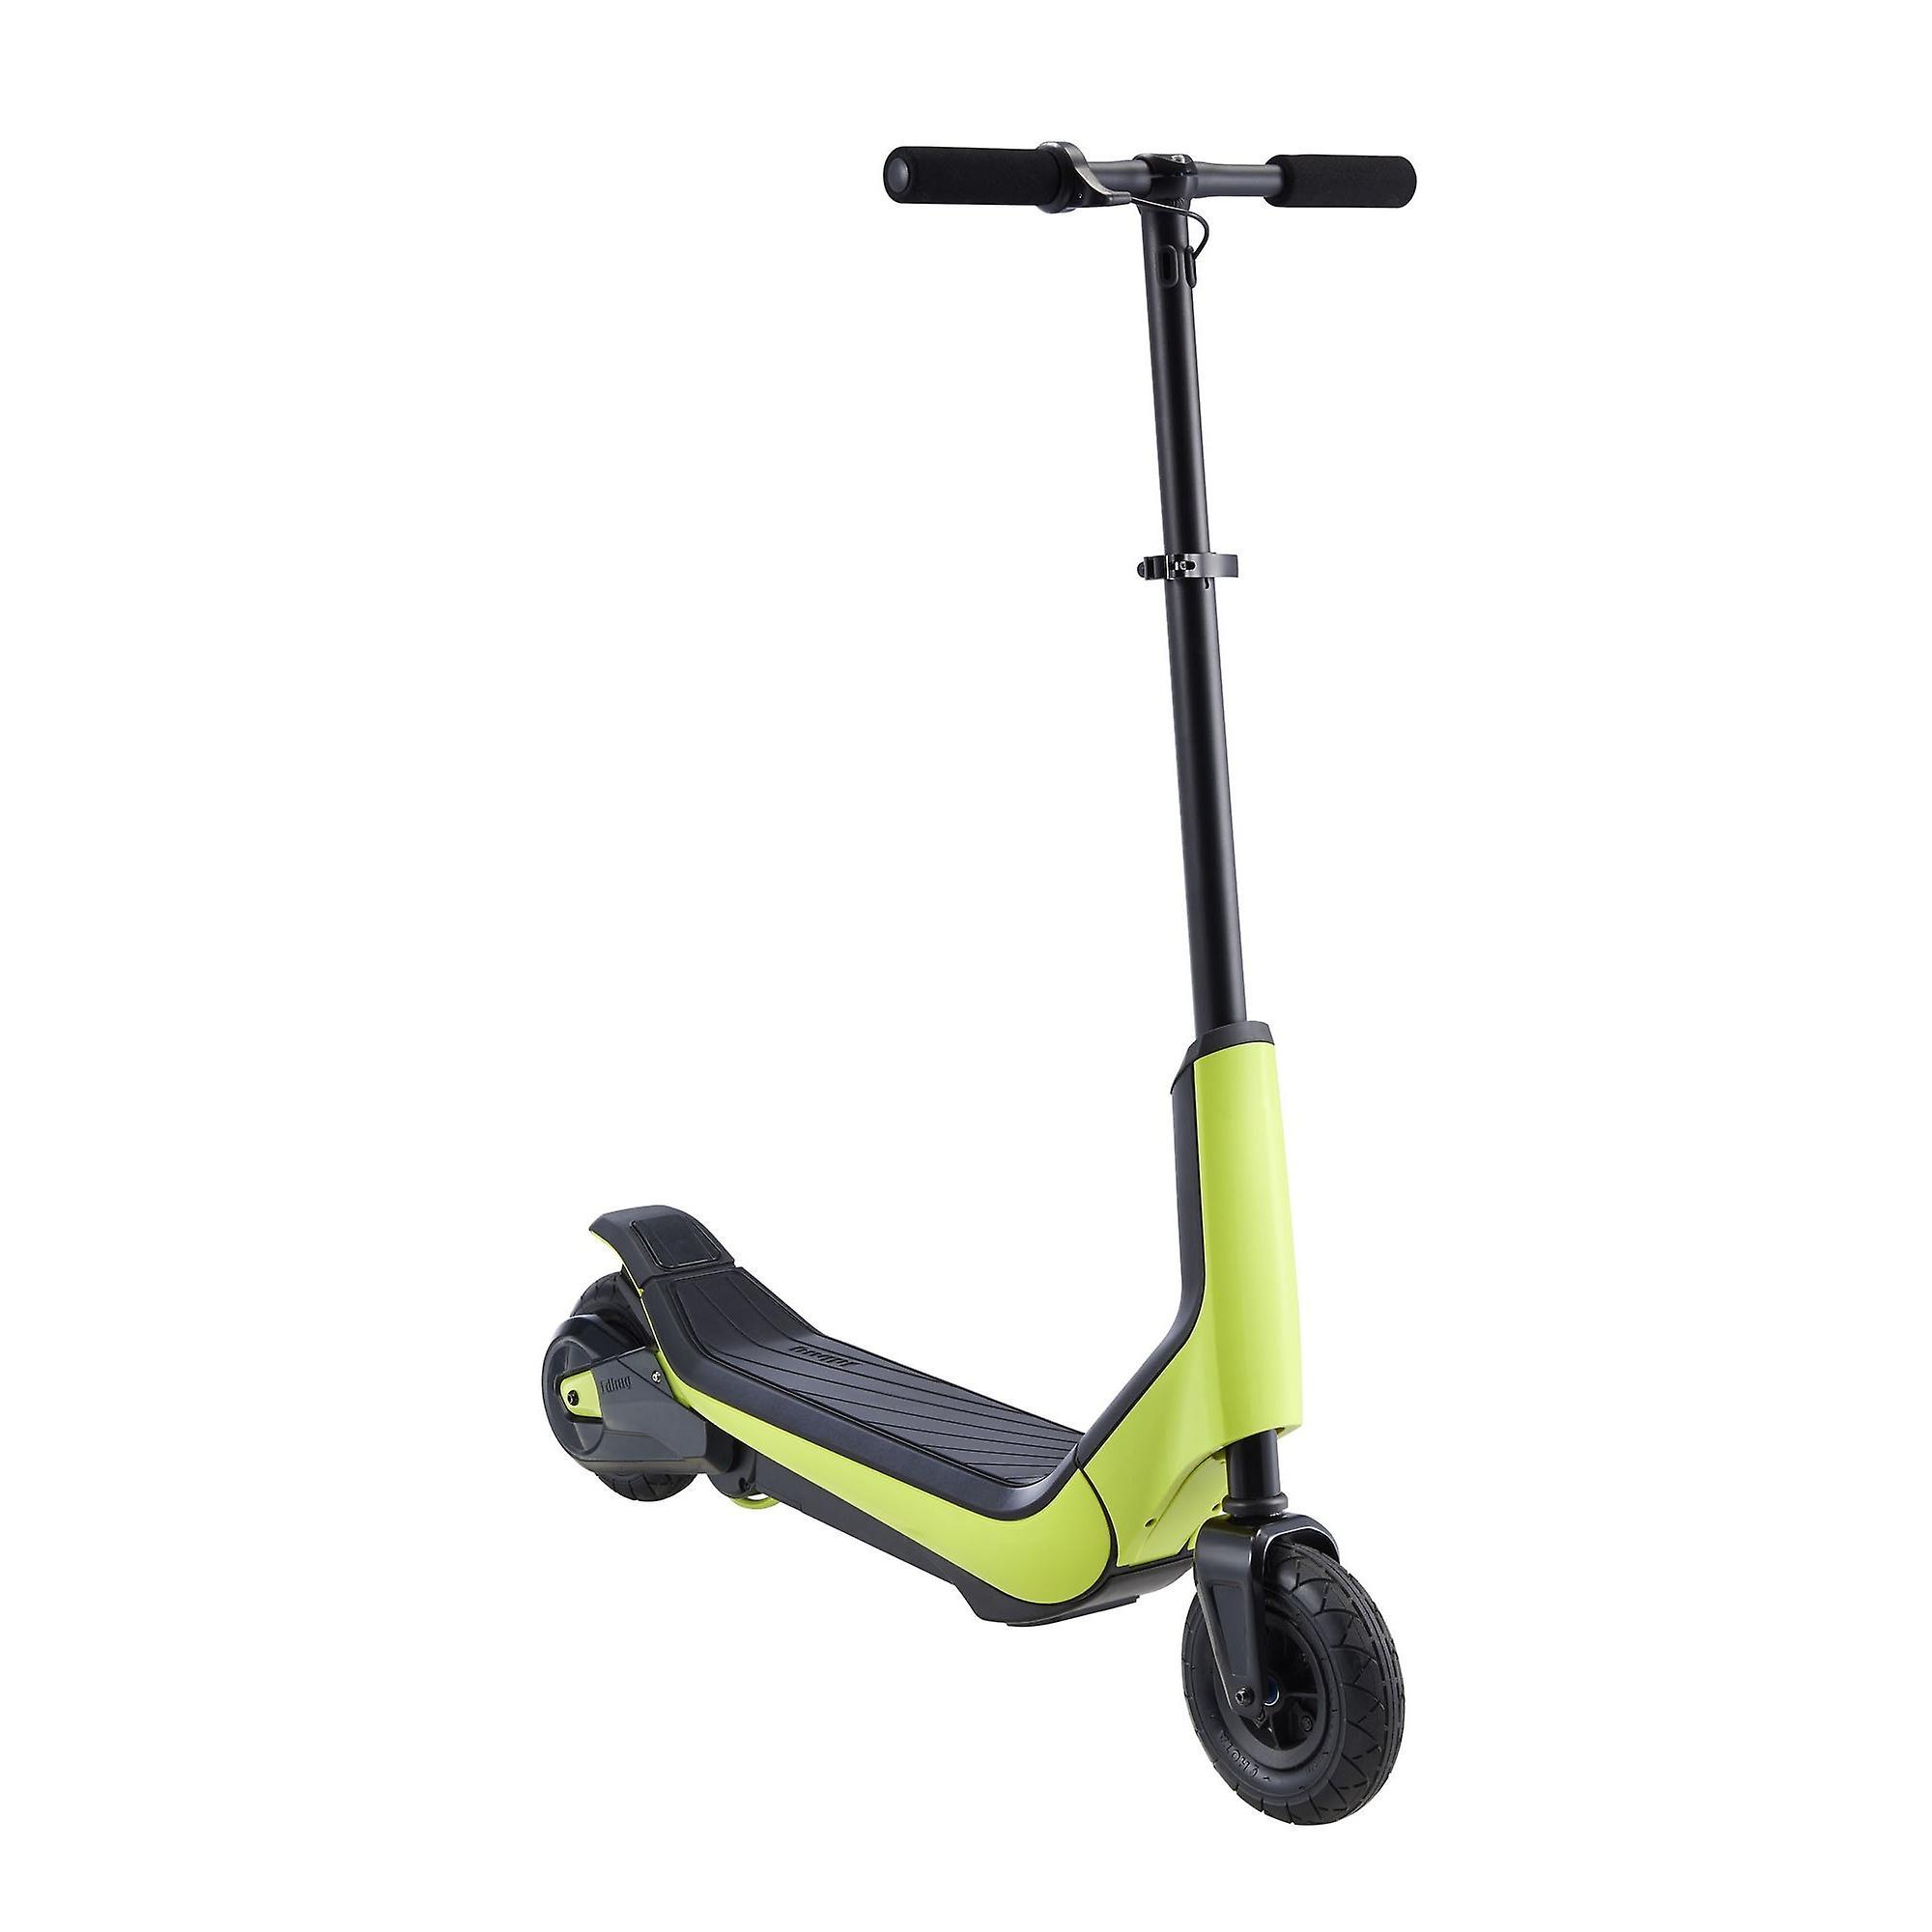 Skateflash E-scooter groen elektrisch skateboard